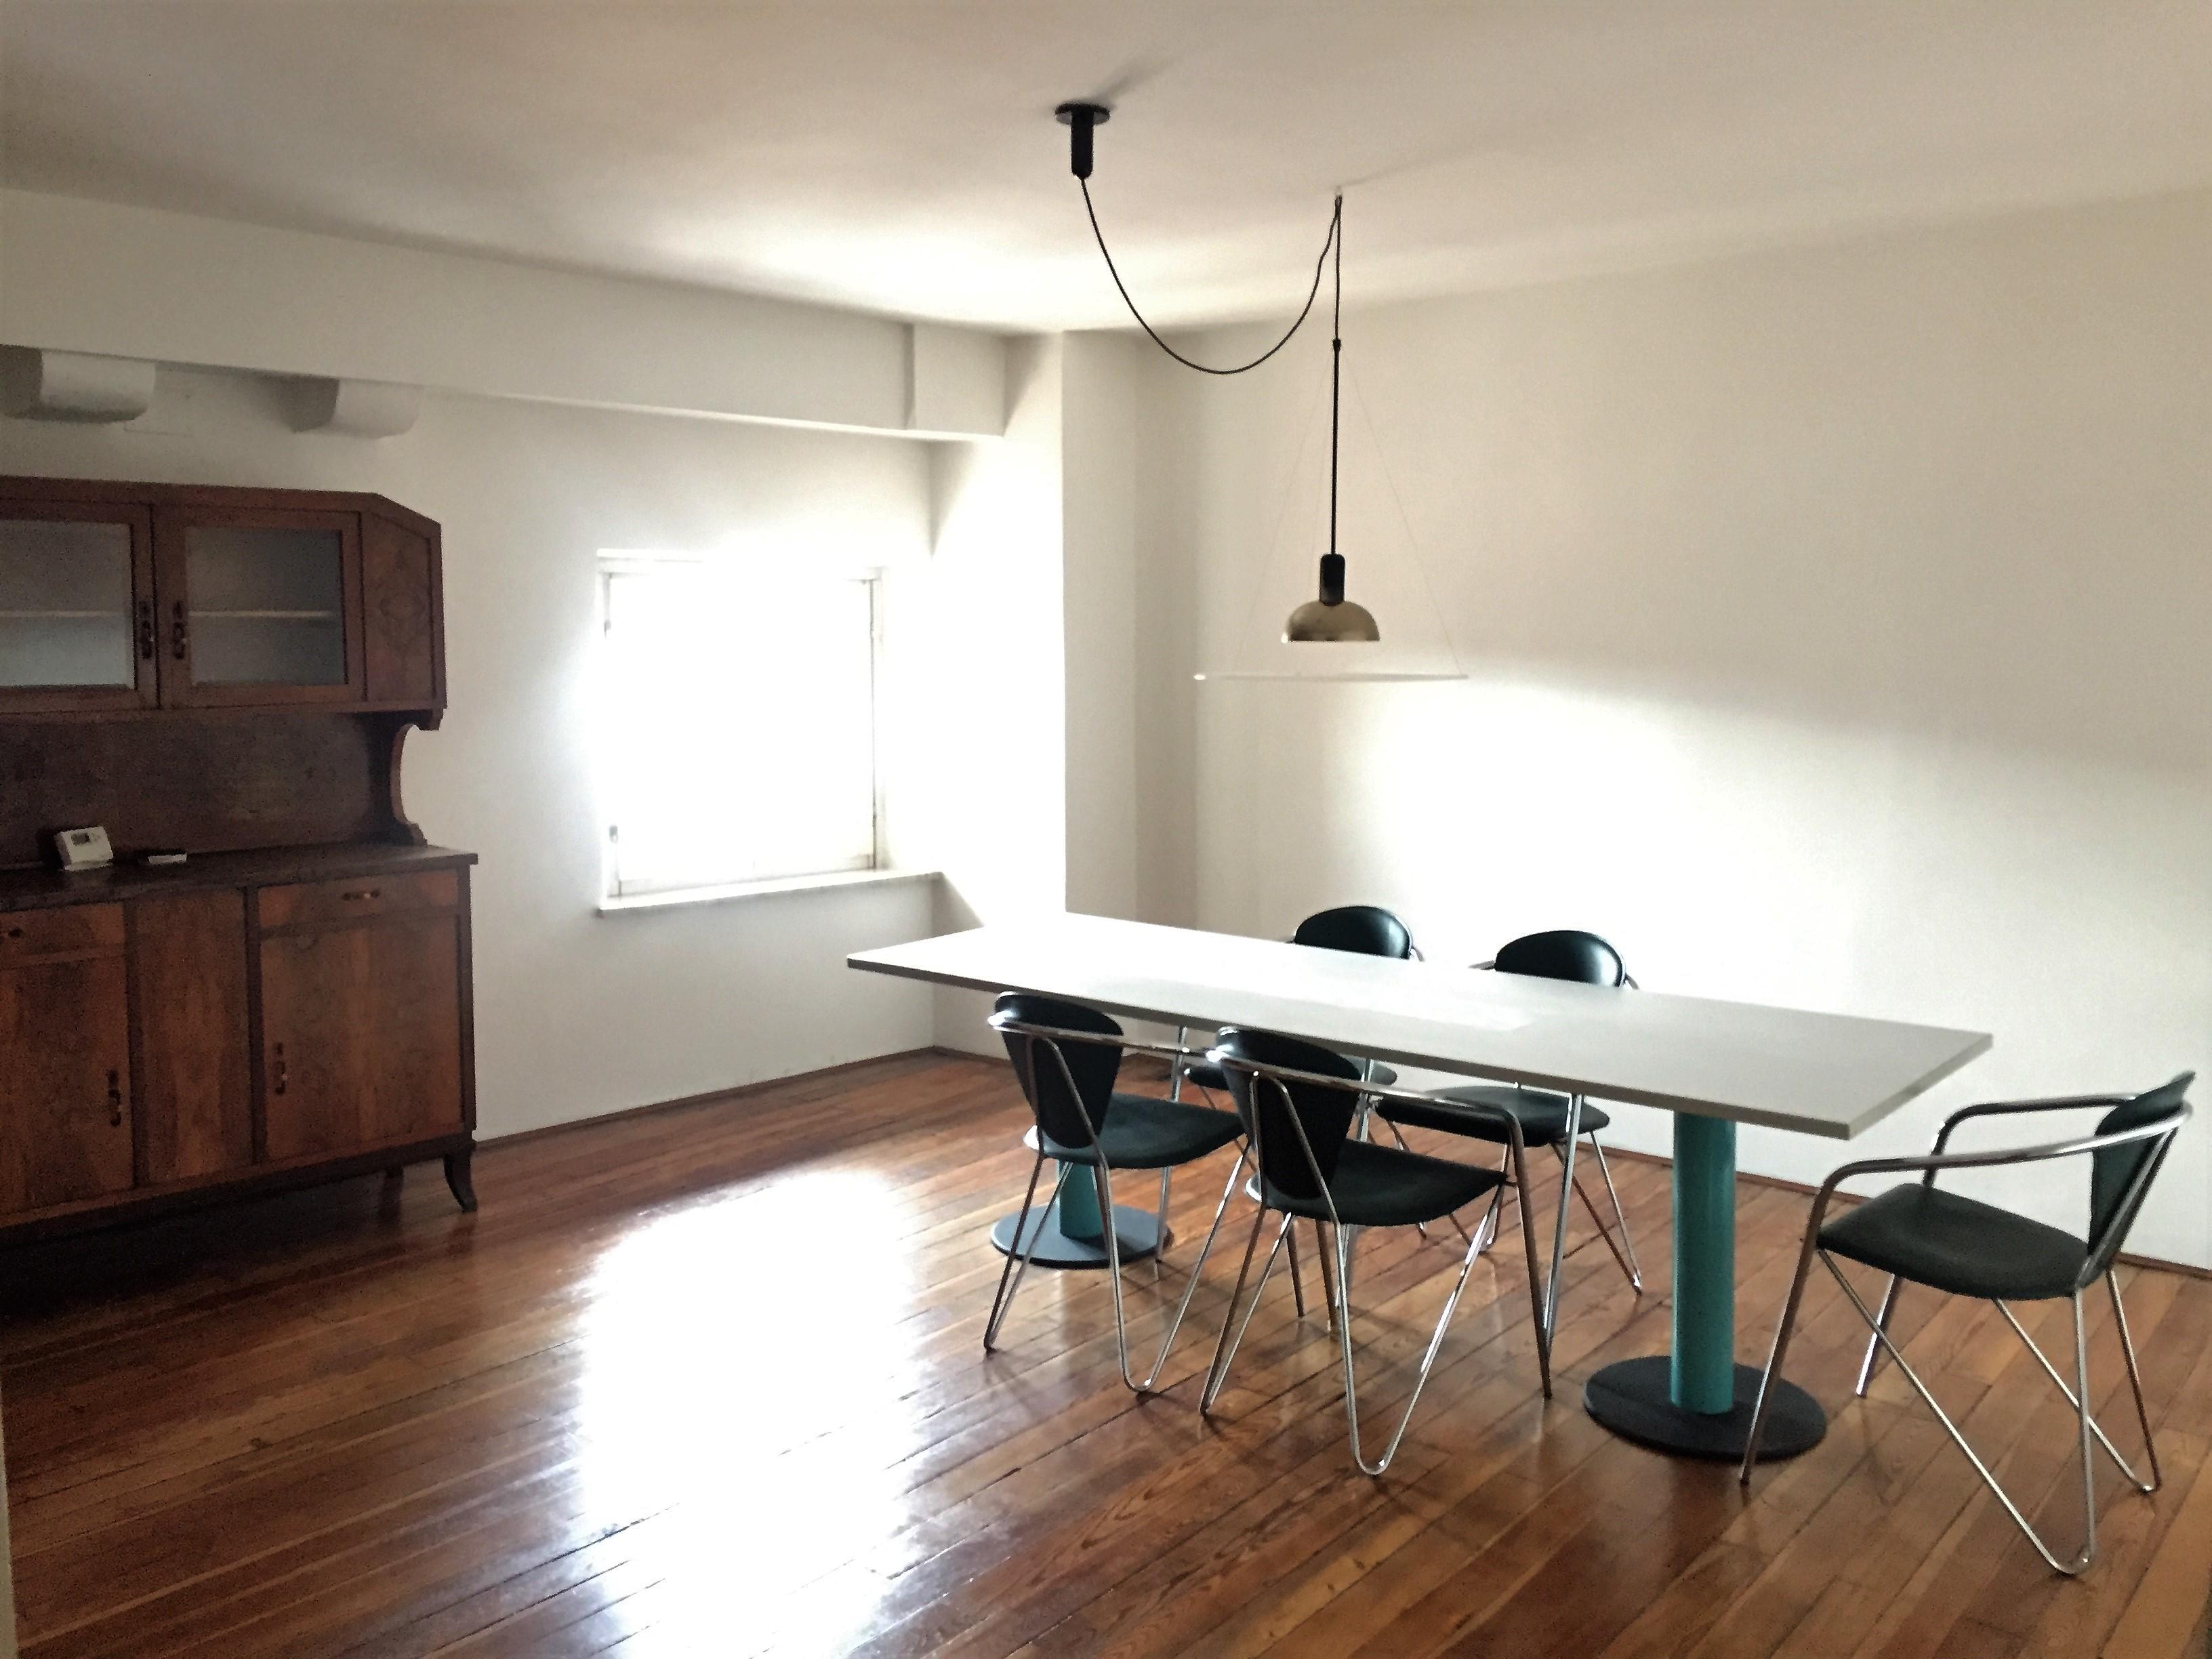 Appartamento affitto Udine (UD) - 4 LOCALI - 130 MQ